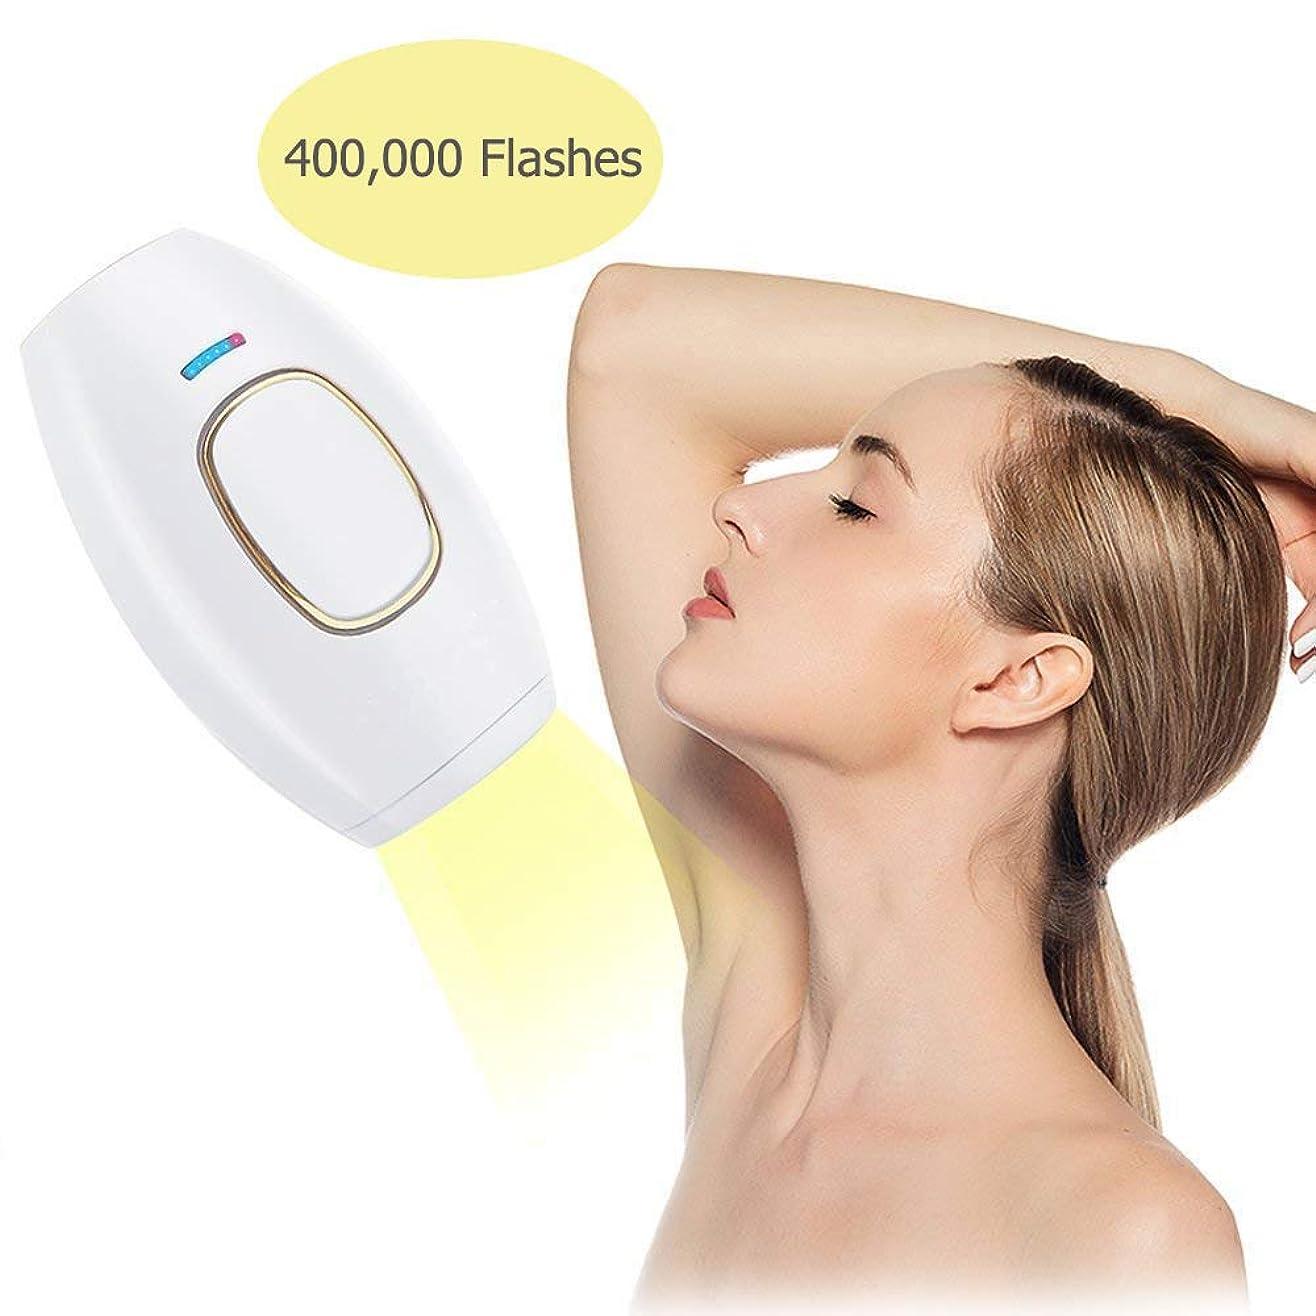 レールウィスキーピースIPL脱毛システムライト脱毛器 - 400,000レーザーヘッドの痛みのない永久的な脱毛美容機器のボディ、顔、ビキニ&下着